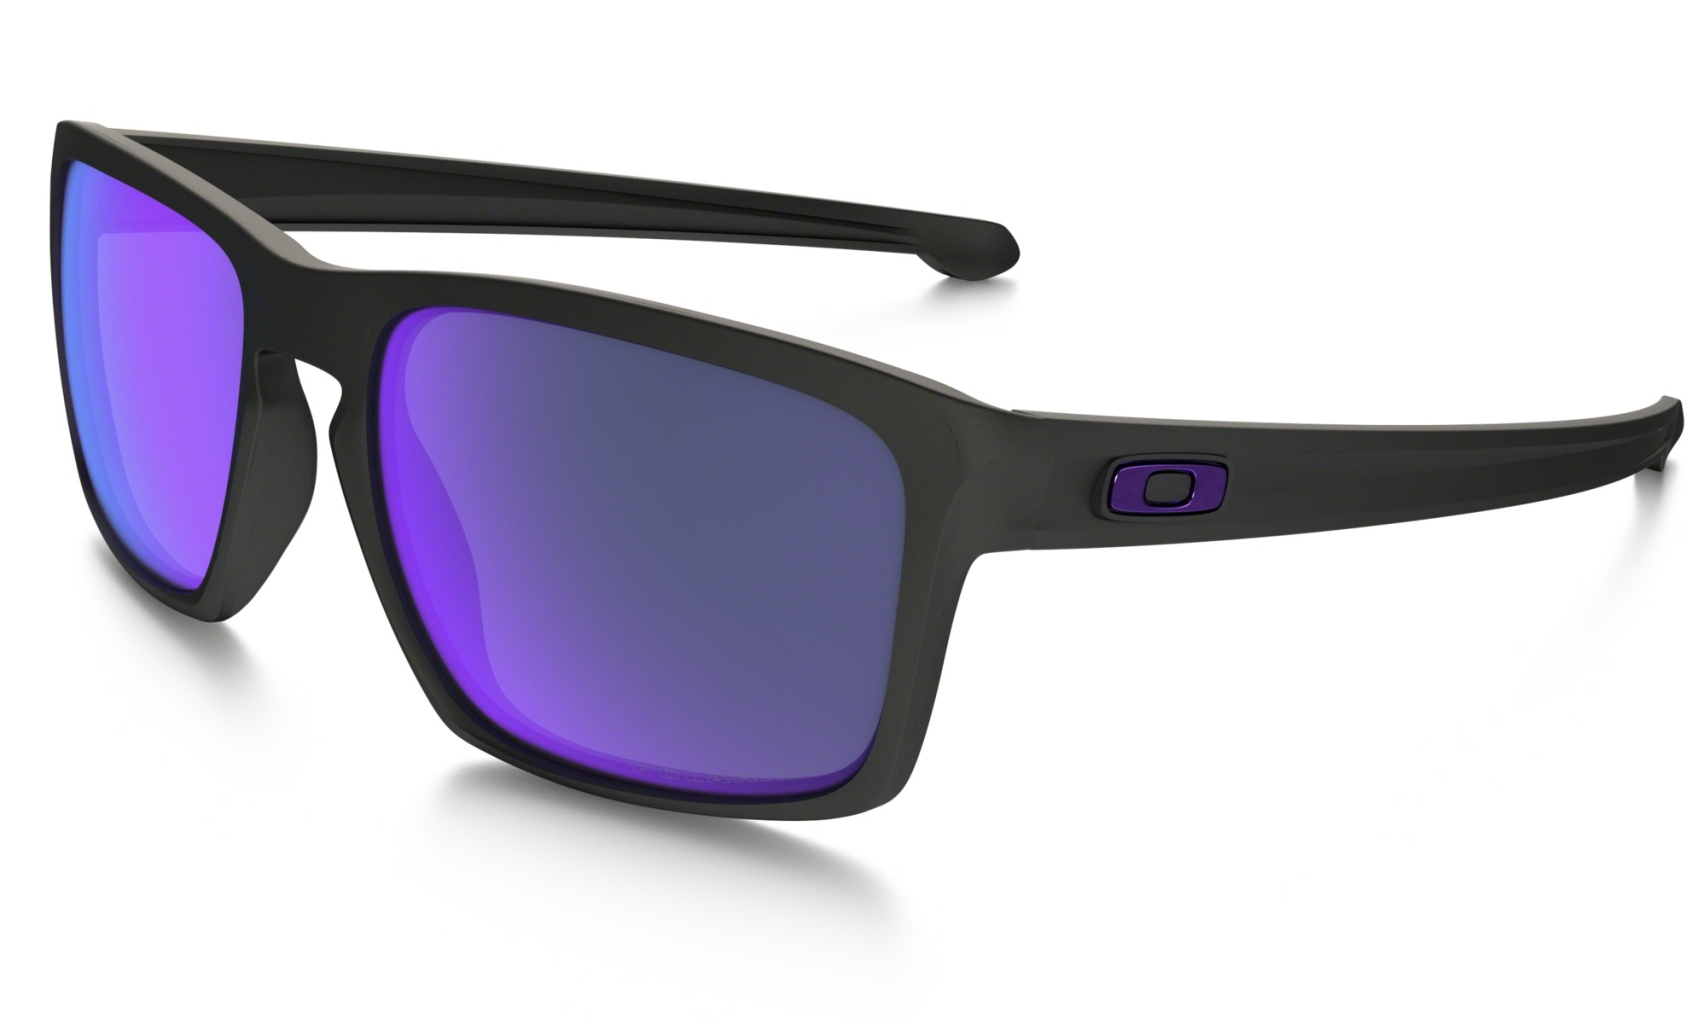 Oakley Sliver Matte Black w/ Violet Irid Polar-30